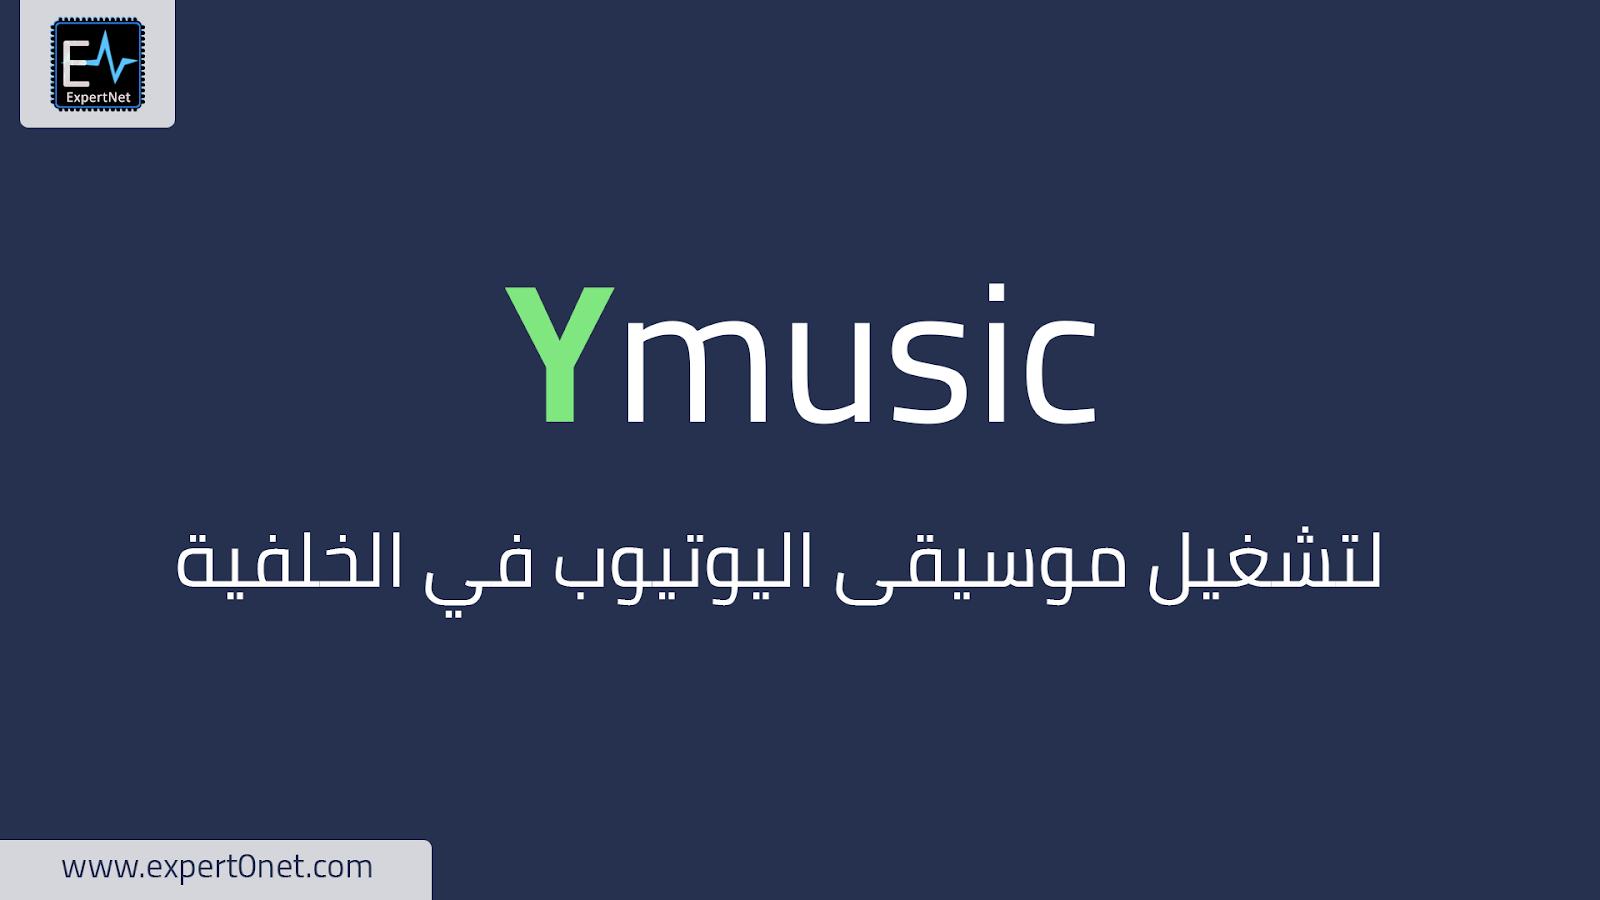 طريقة تشغيل موسيقى اليوتيوب في الخلفية